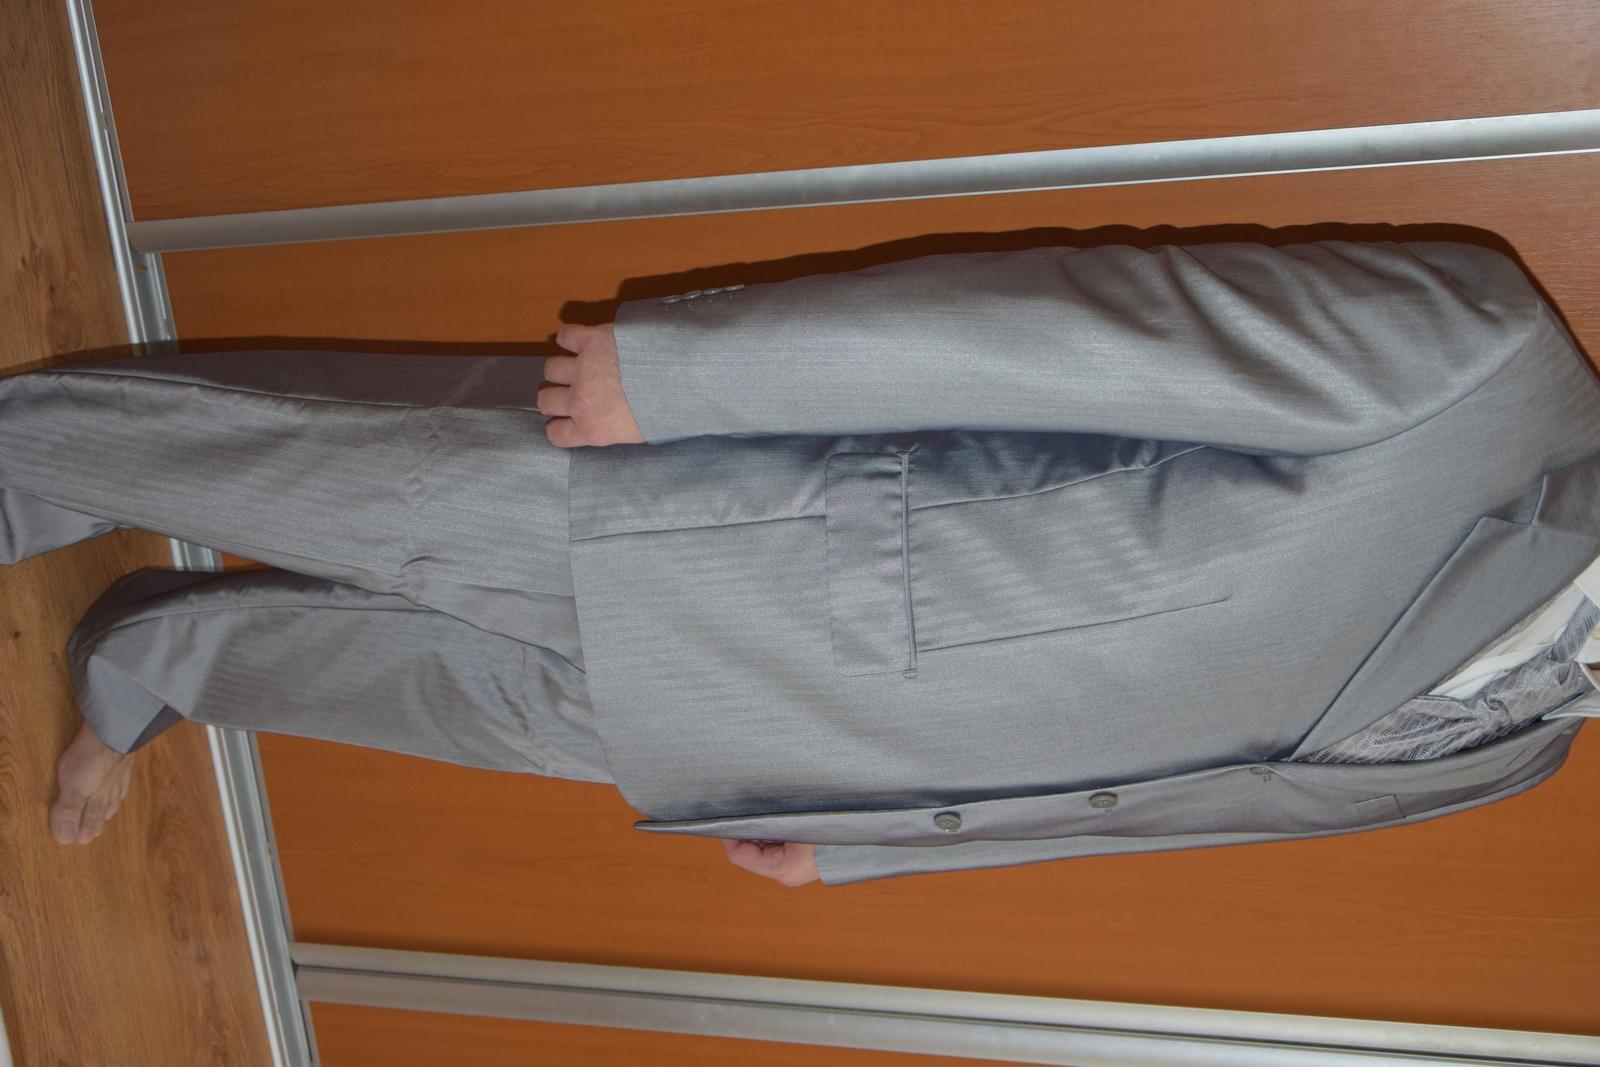 Pánsky oblek+košeľa+vesta - Obrázok č. 1